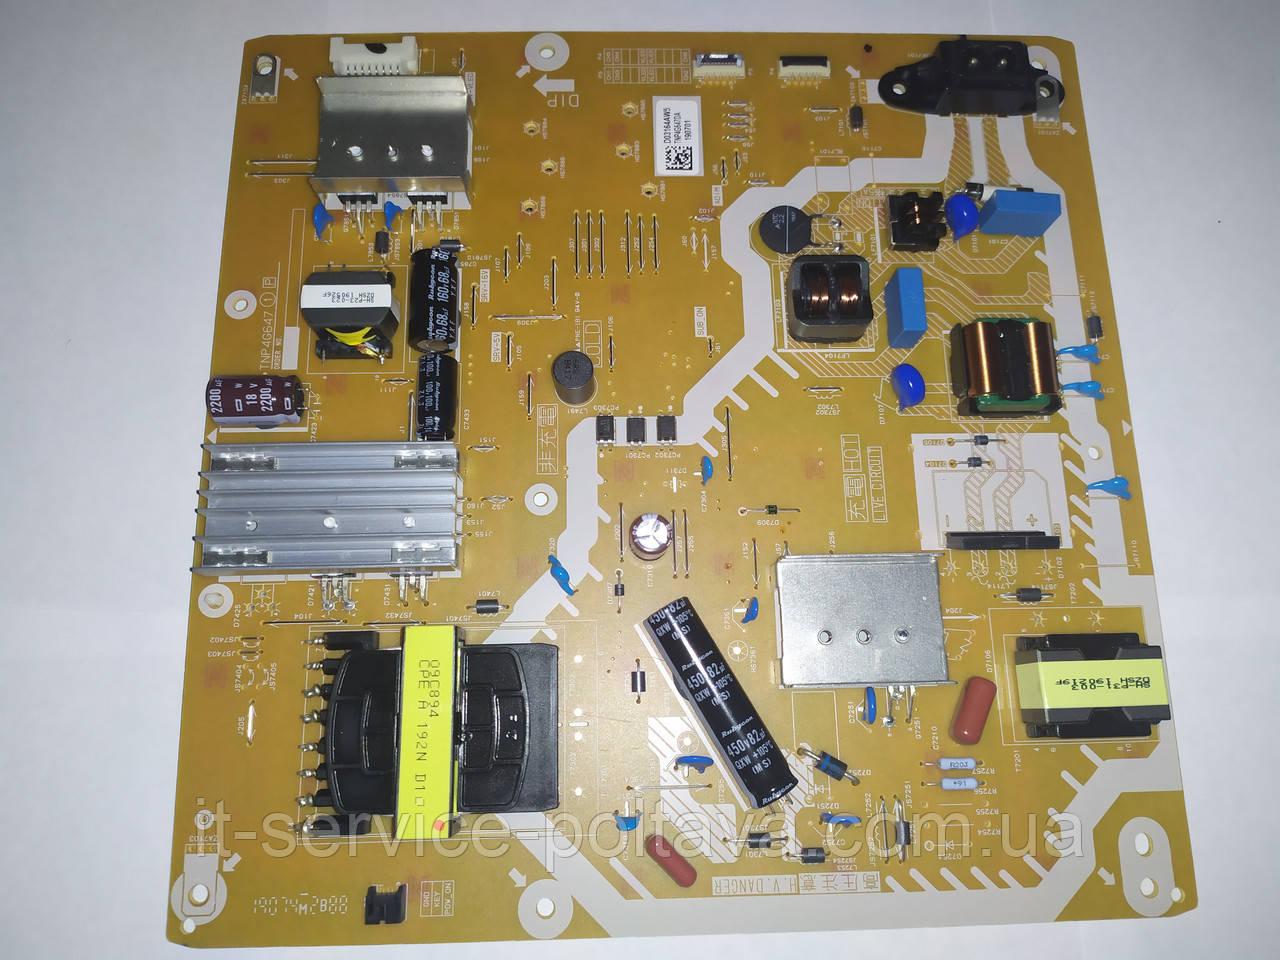 Блок живлення (Power Supply) TNP4G647 1P для телевізора PANASONIC